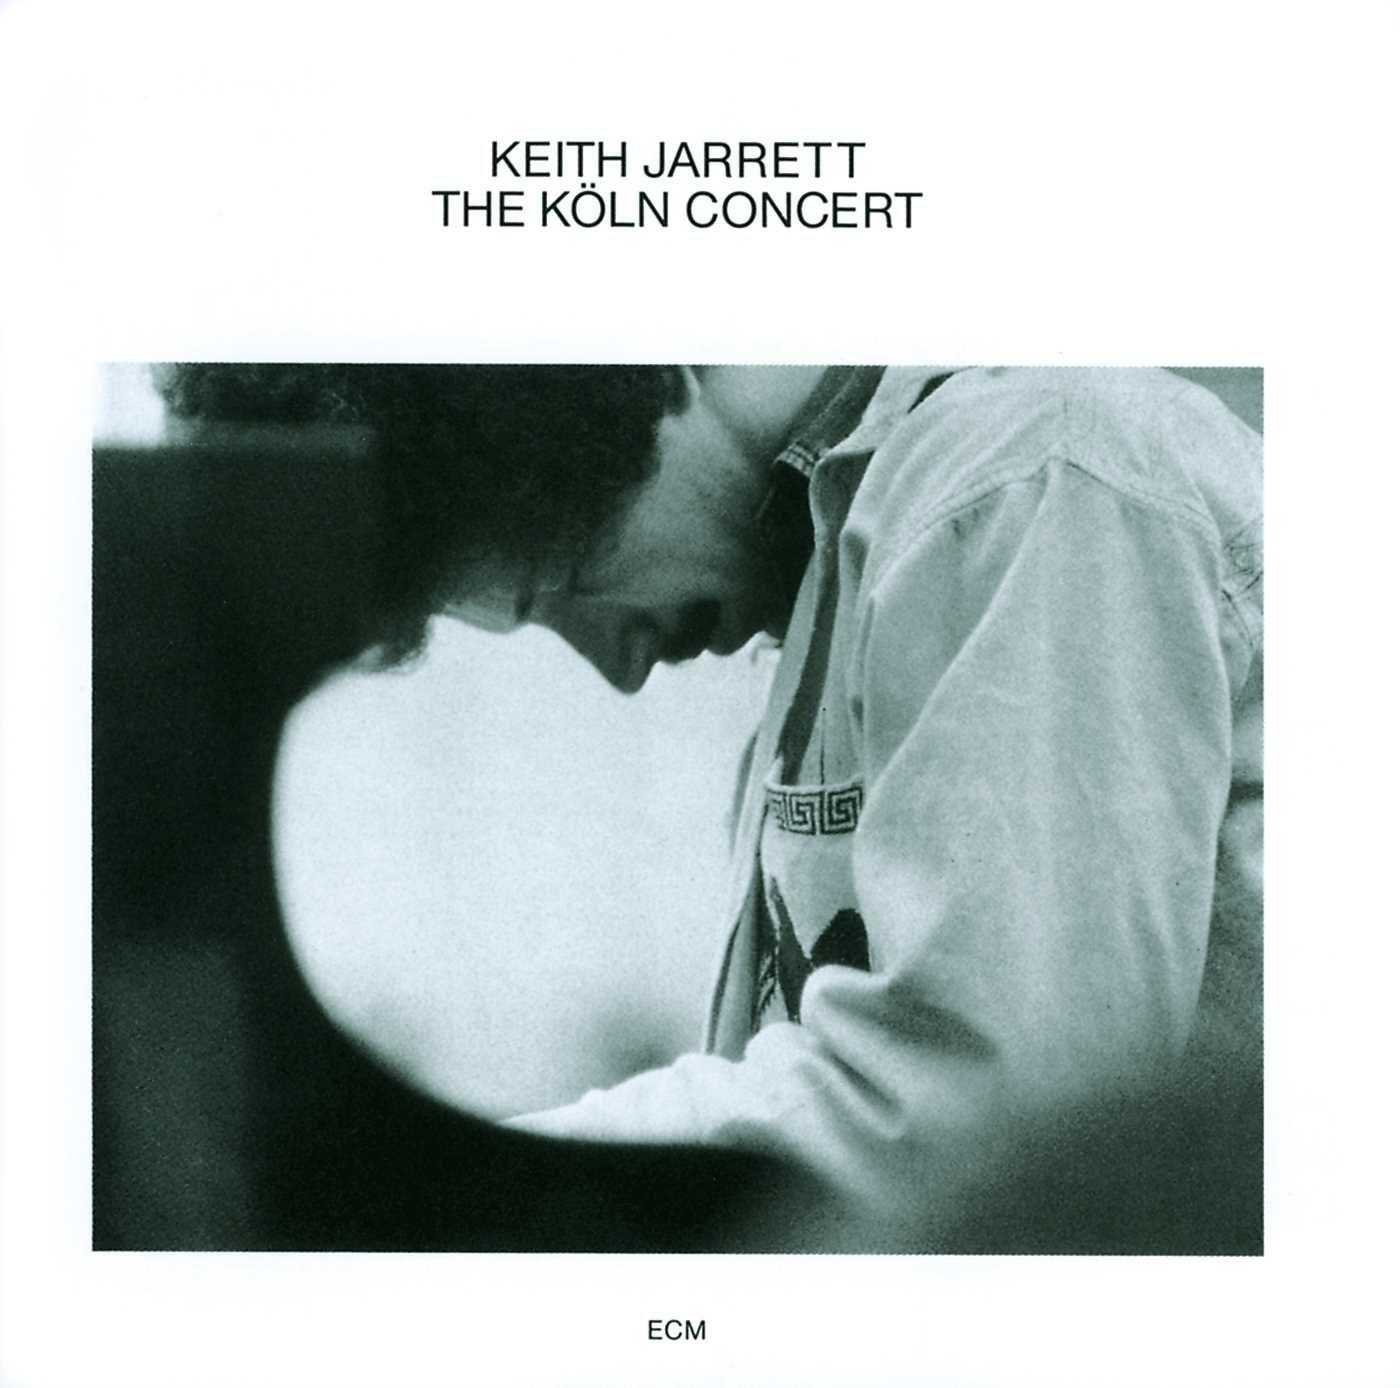 Köln Concert - Keith Jarrett